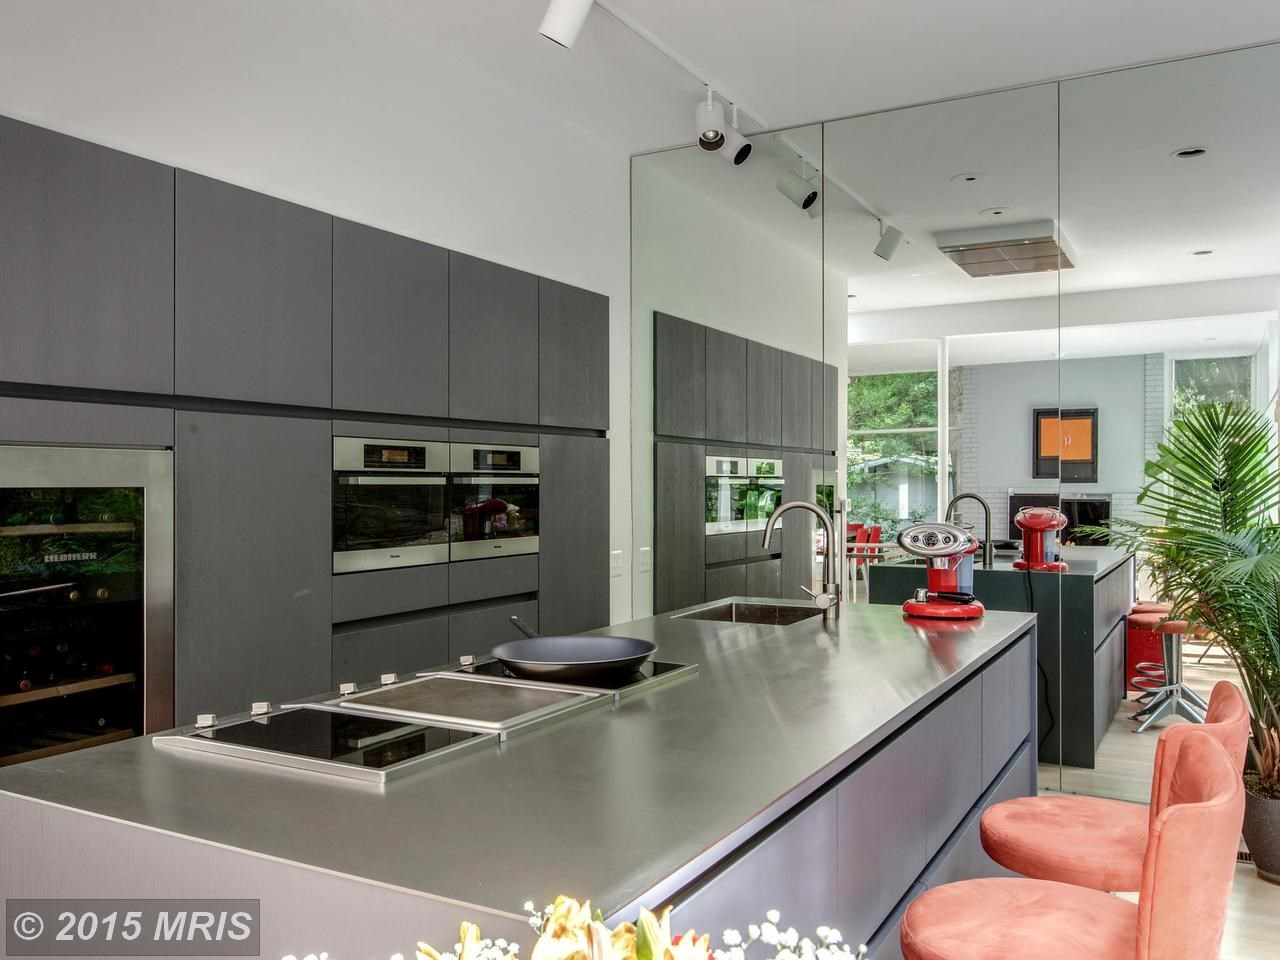 Встроенные в стену шкафы обеспечивают достаточно места для хранения кухонных принадлежностей.